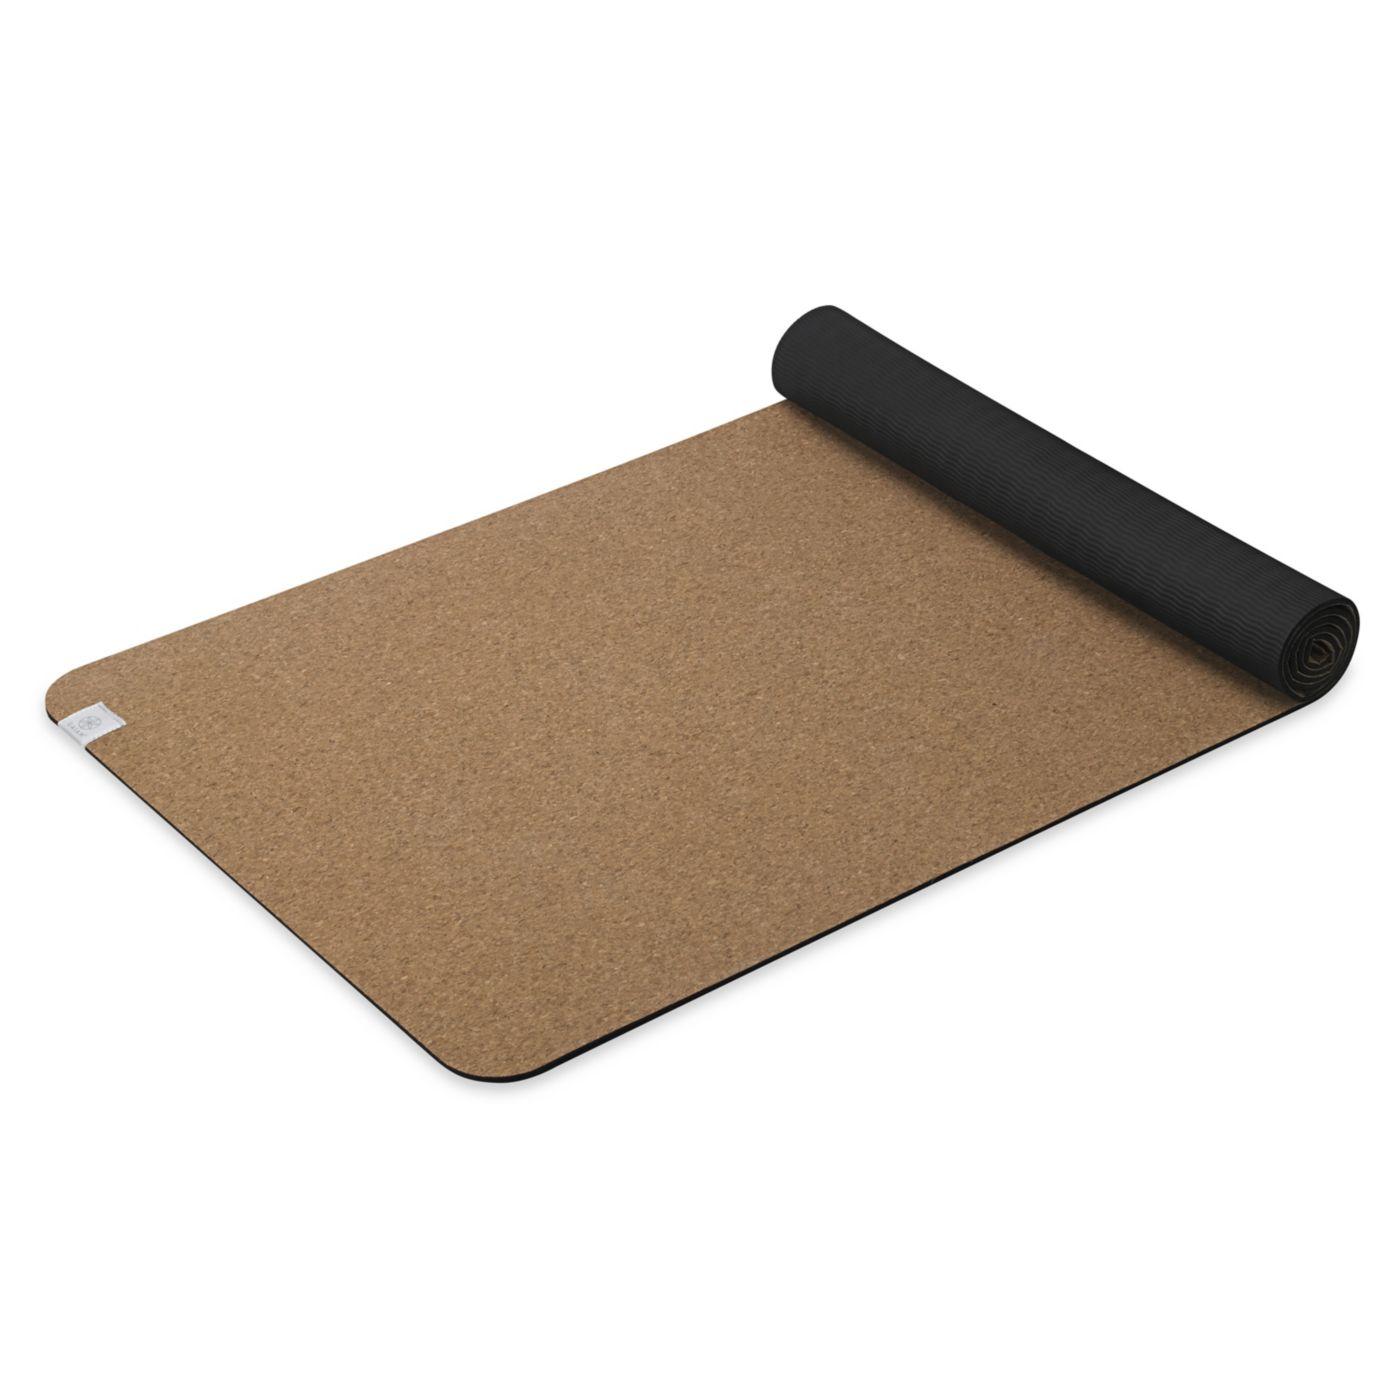 Gaiam Studio Select 6mm Premium Cork Yoga Mat